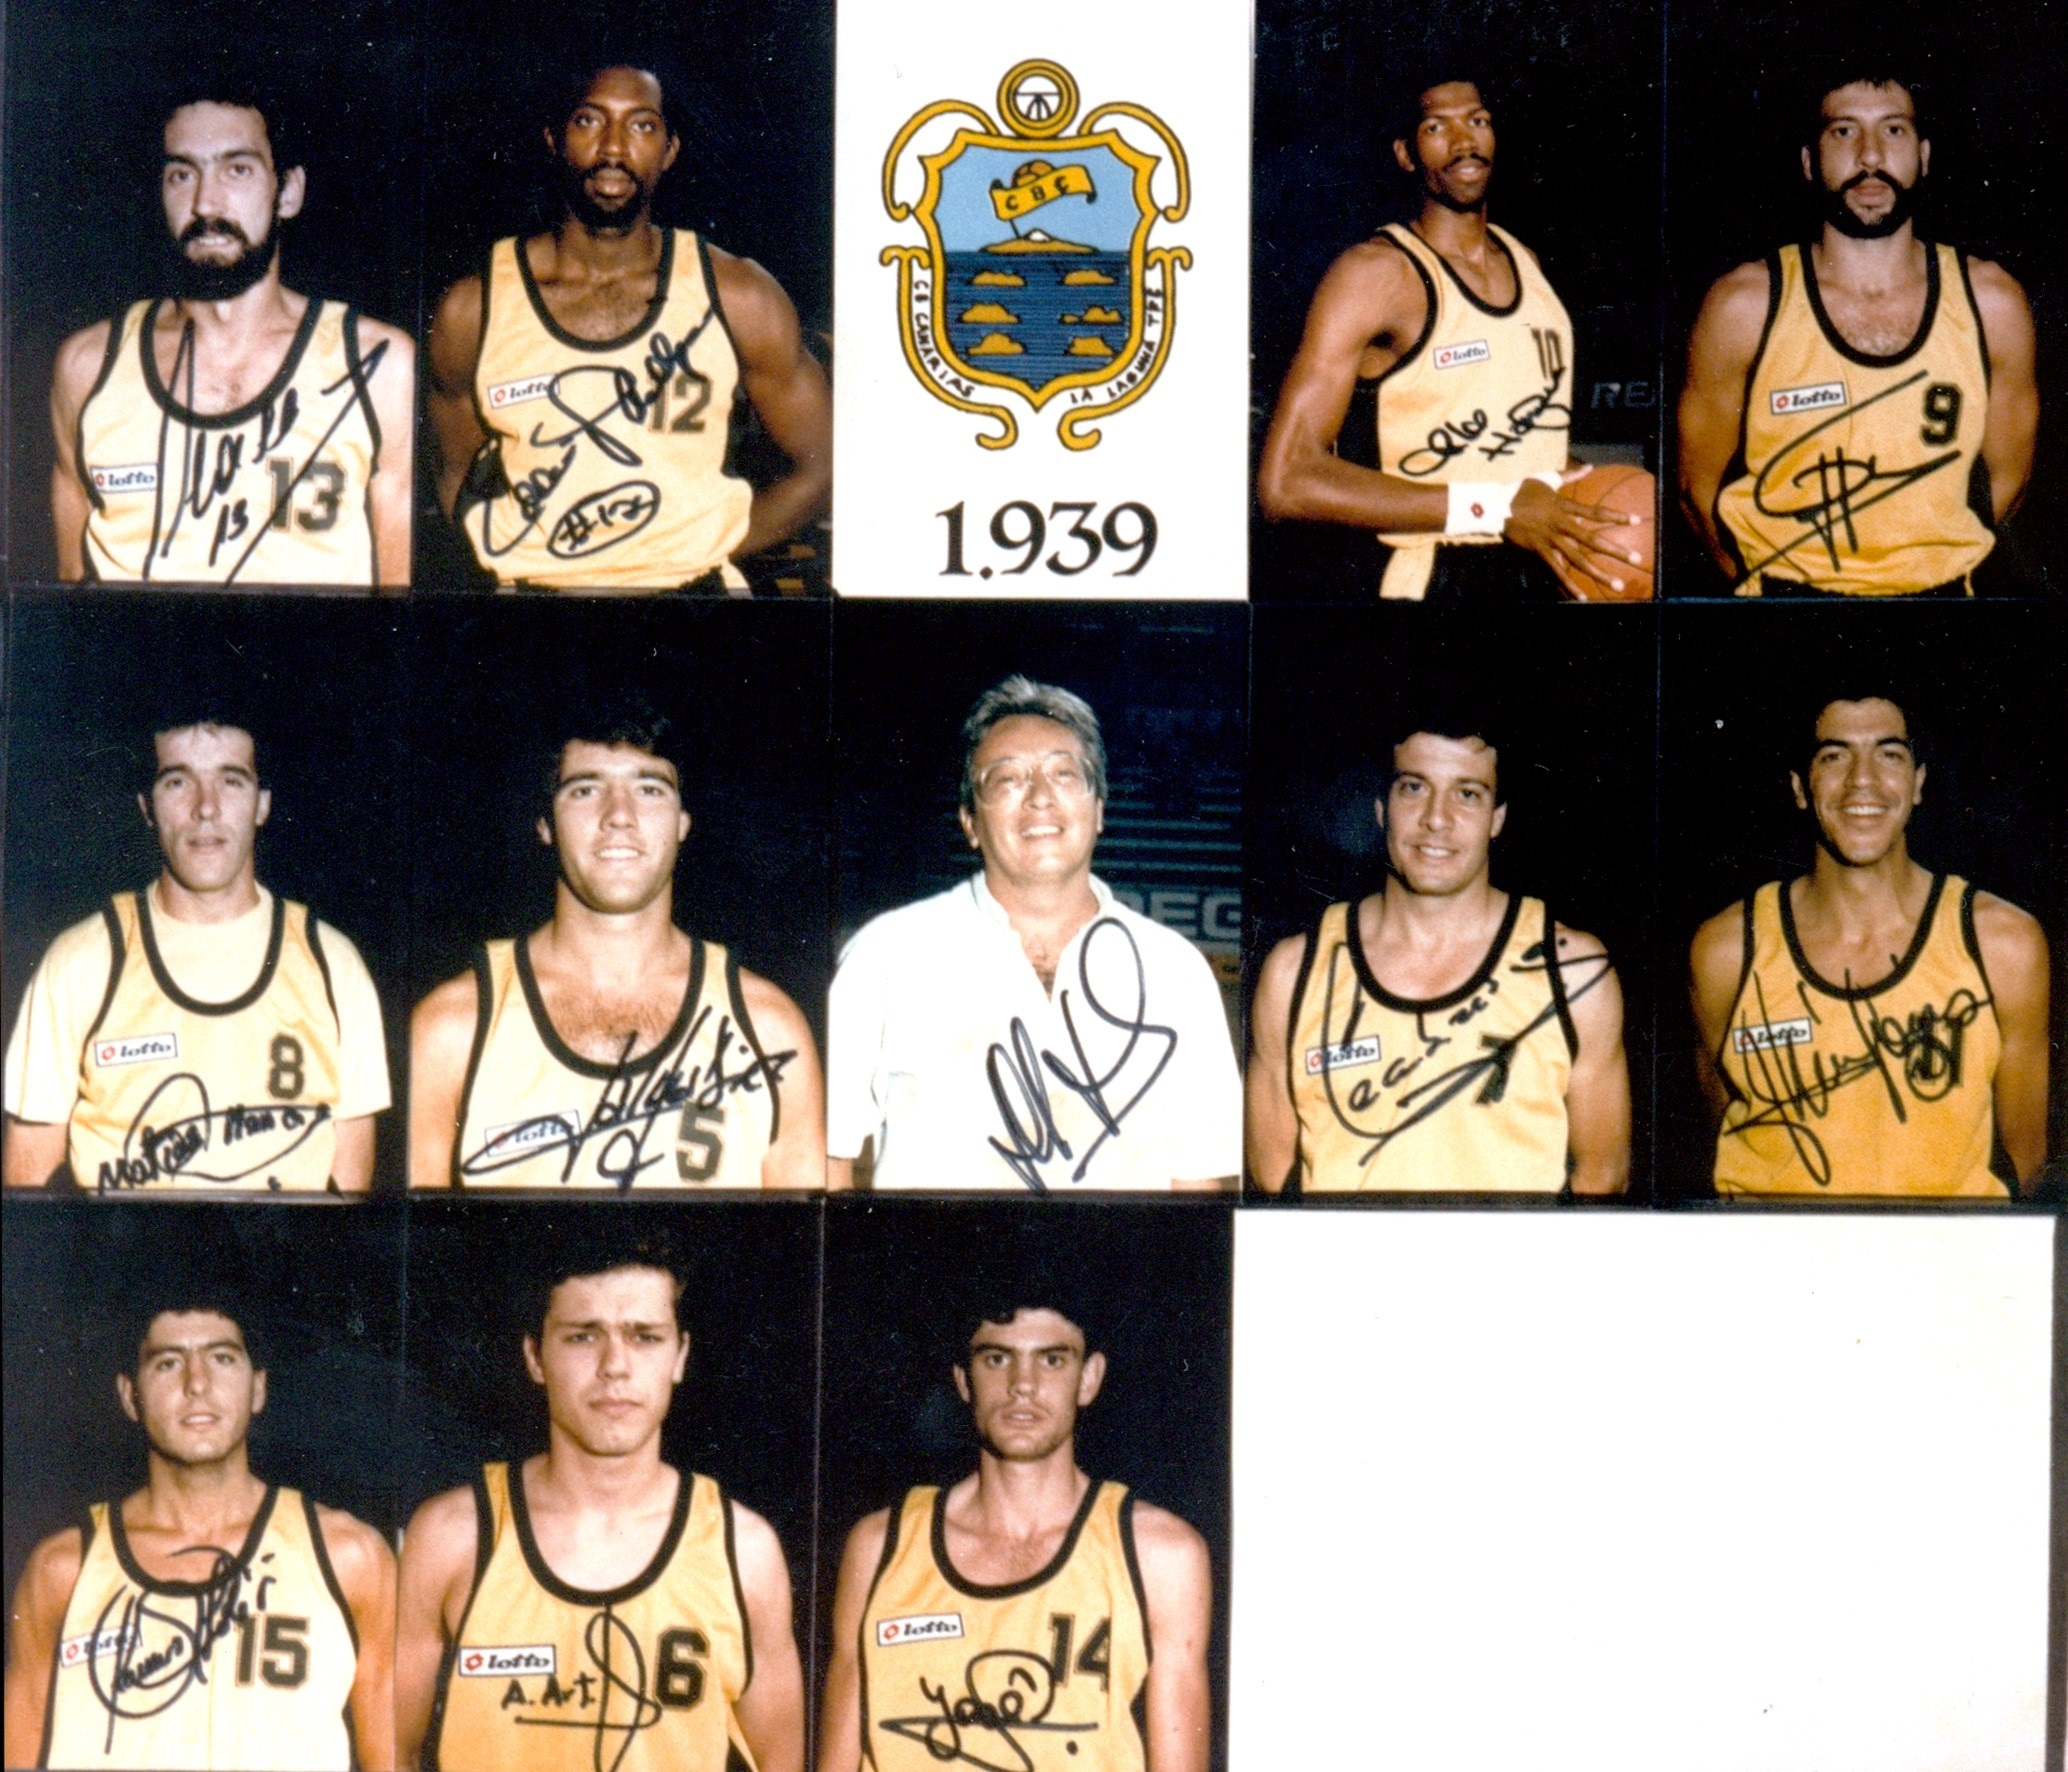 De las Casas, Phillips, Harper, Germán, Marrero, Díez, Hernández Rizo, Cabrera, Méndes, Solé, Arteaga y Artiles, plantilla 1986-87